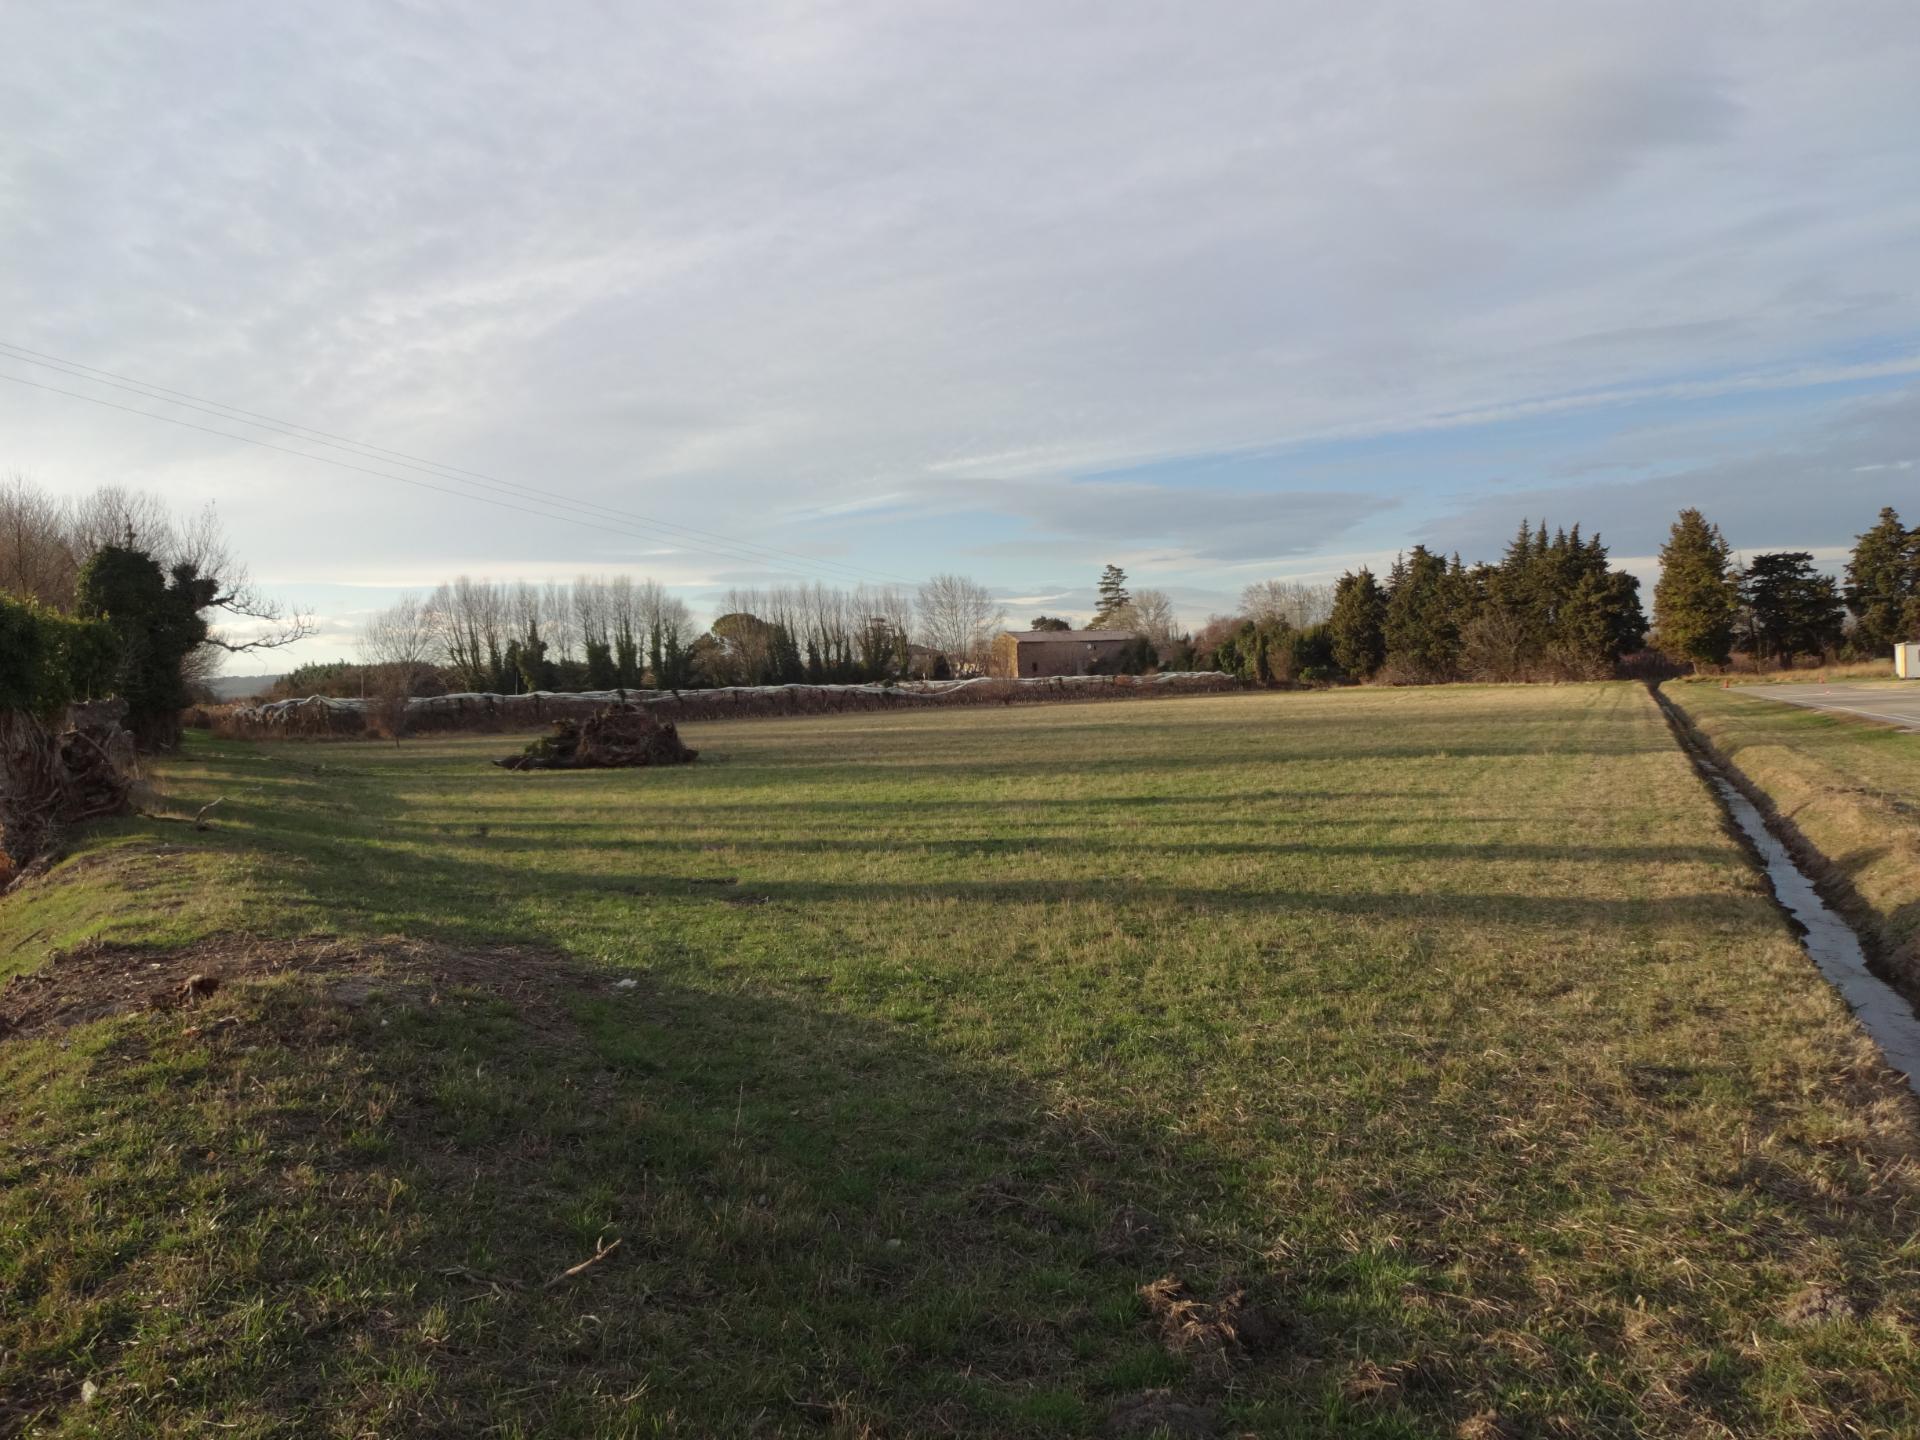 Terrain Agricole De 10132 M Borde D Un Ruisseau Stephane Plaza